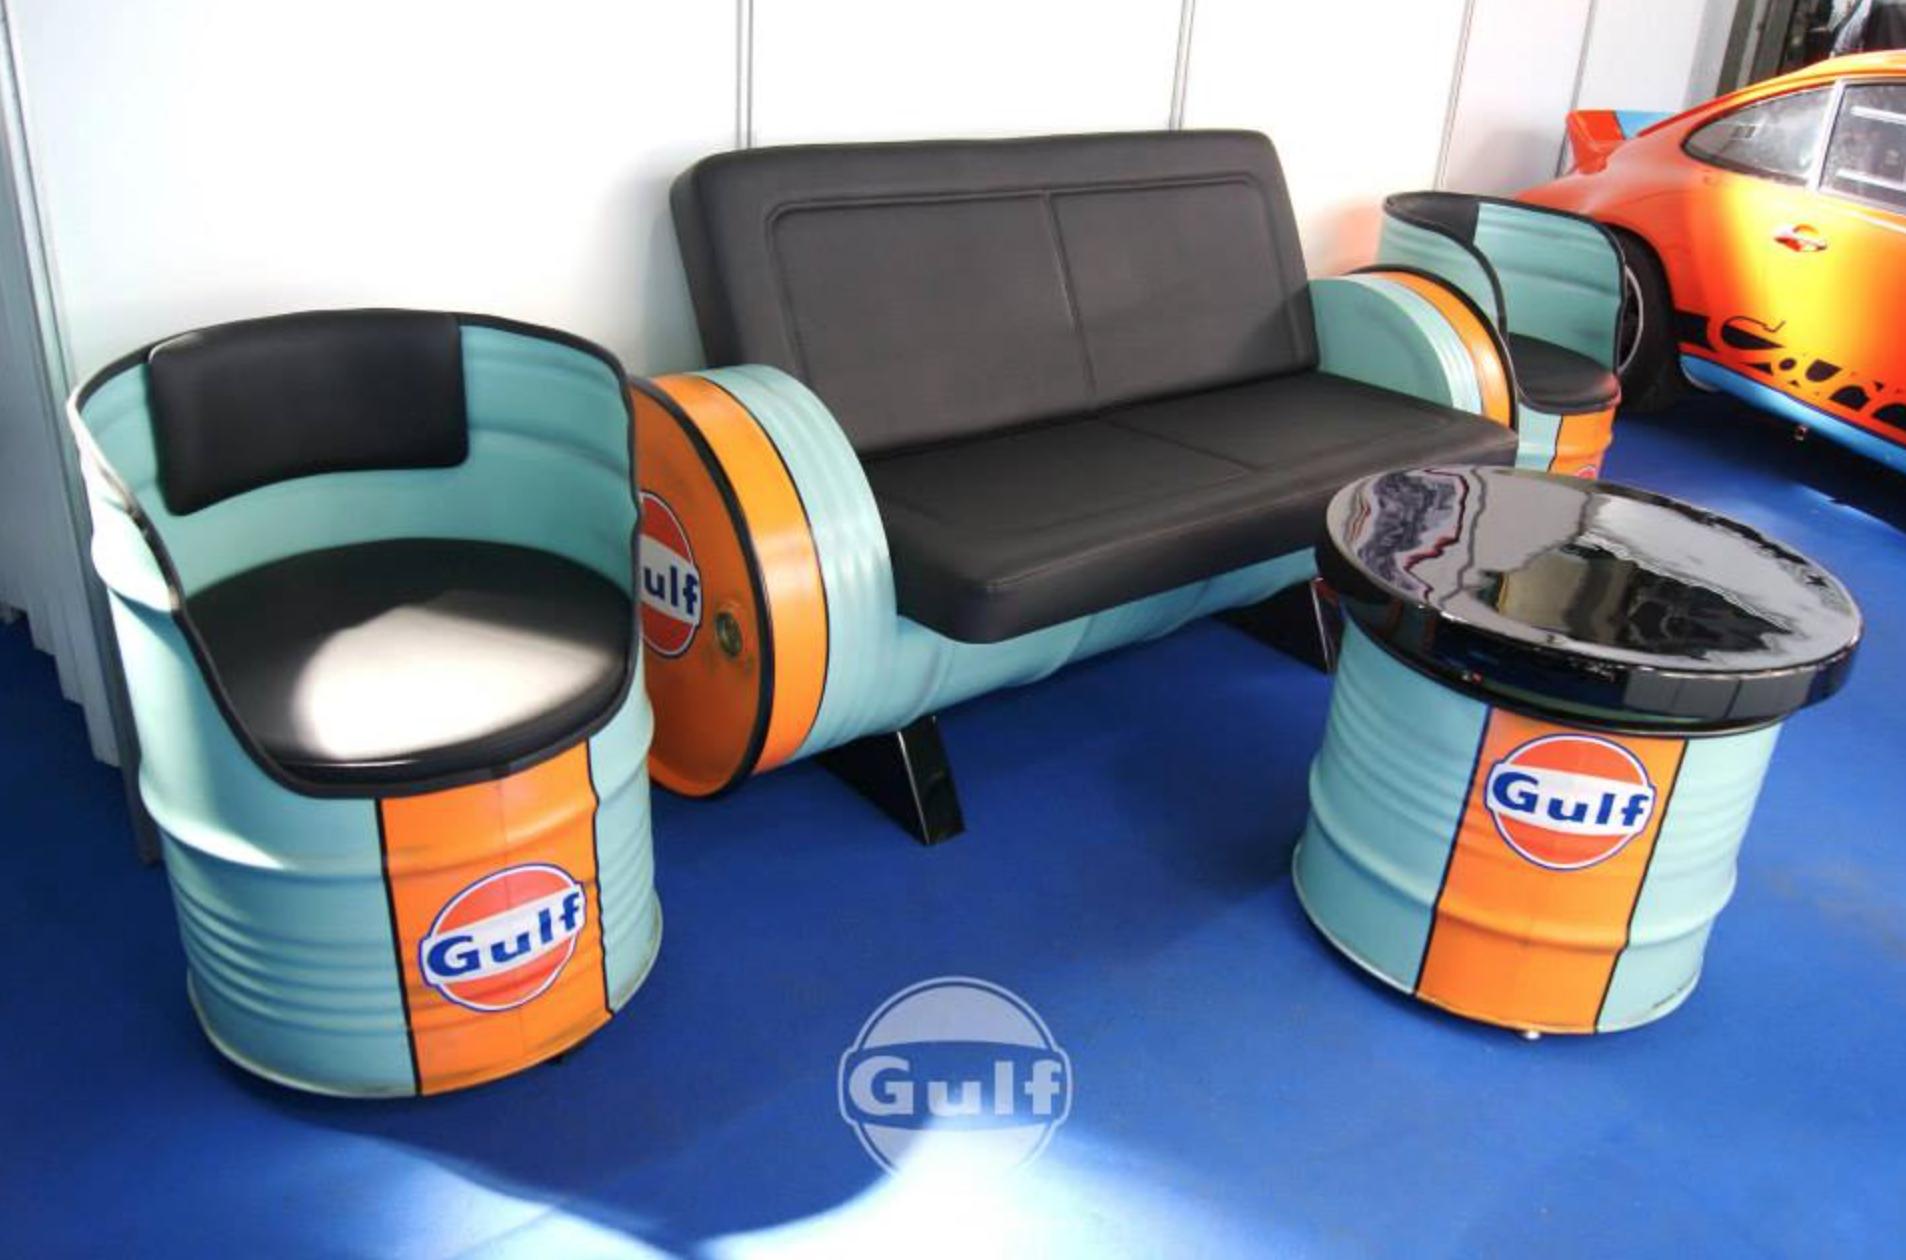 Gulf Vintage 2er Sofa & Drum Seat